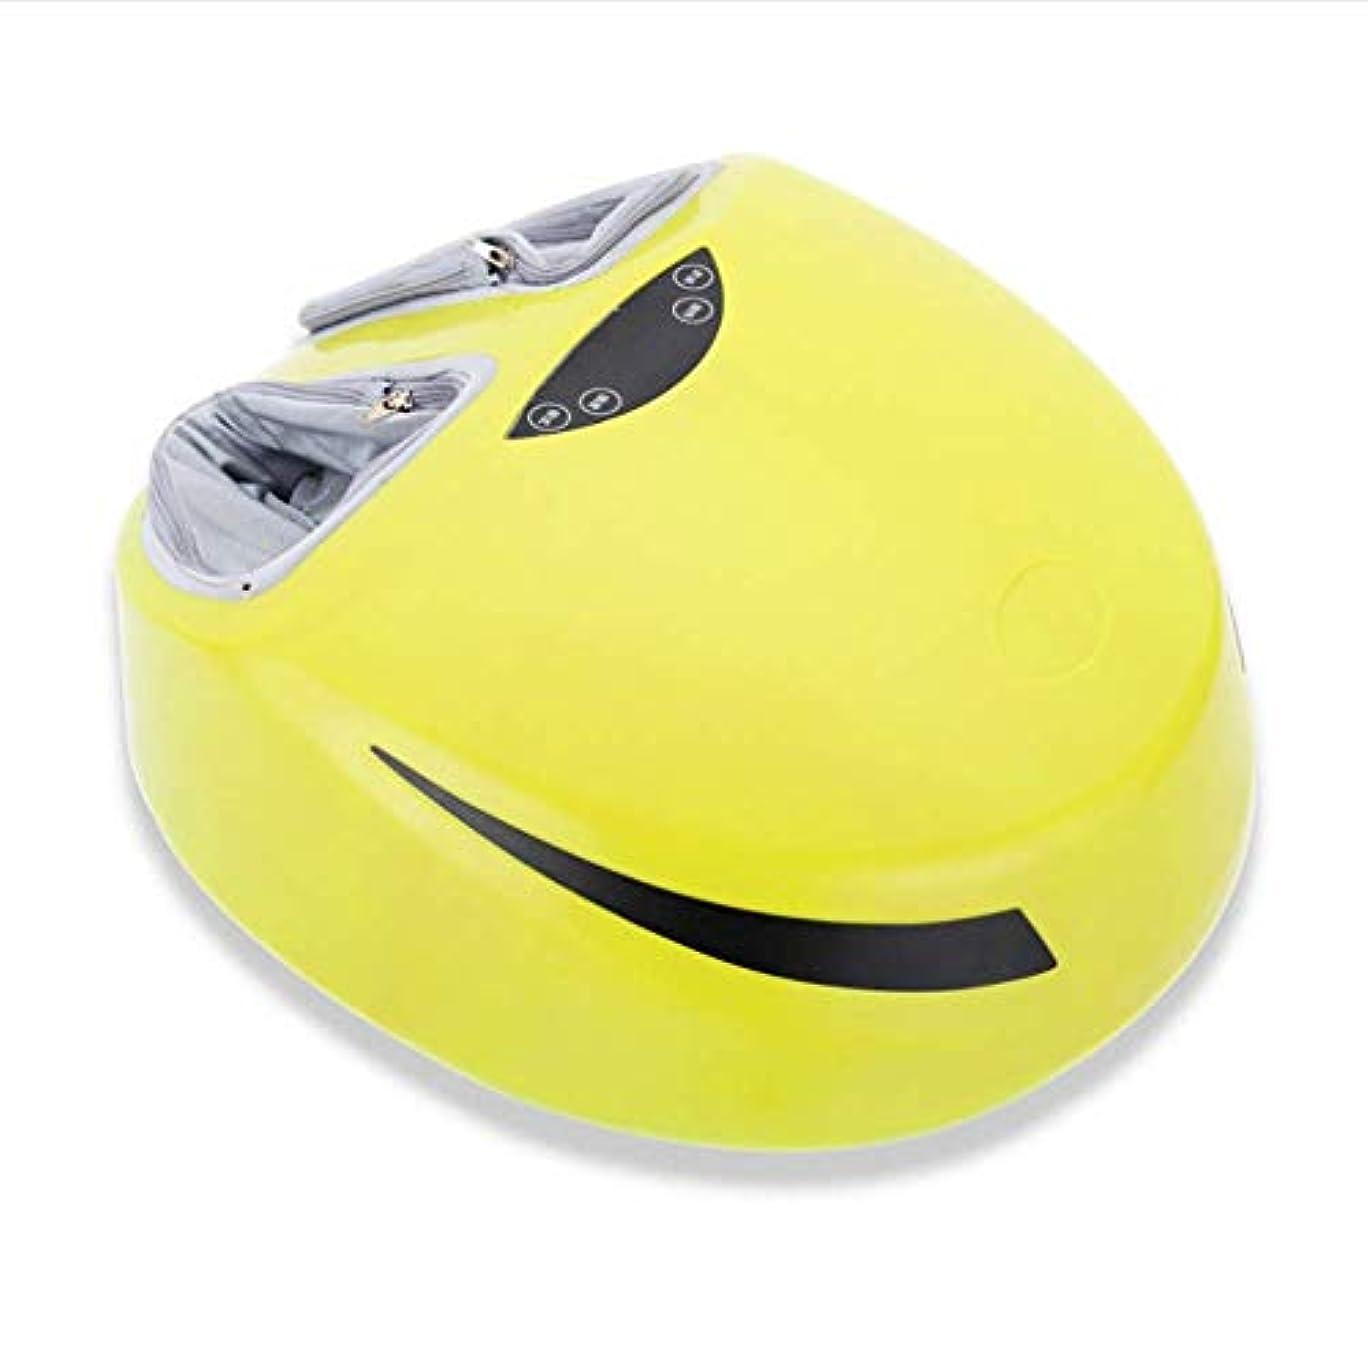 内陸裏切る娯楽指圧式フットマッサージャーの熱風圧縮式フットマッサージ機は、足底筋膜炎の痛みを和らげ、不眠症を改善します。